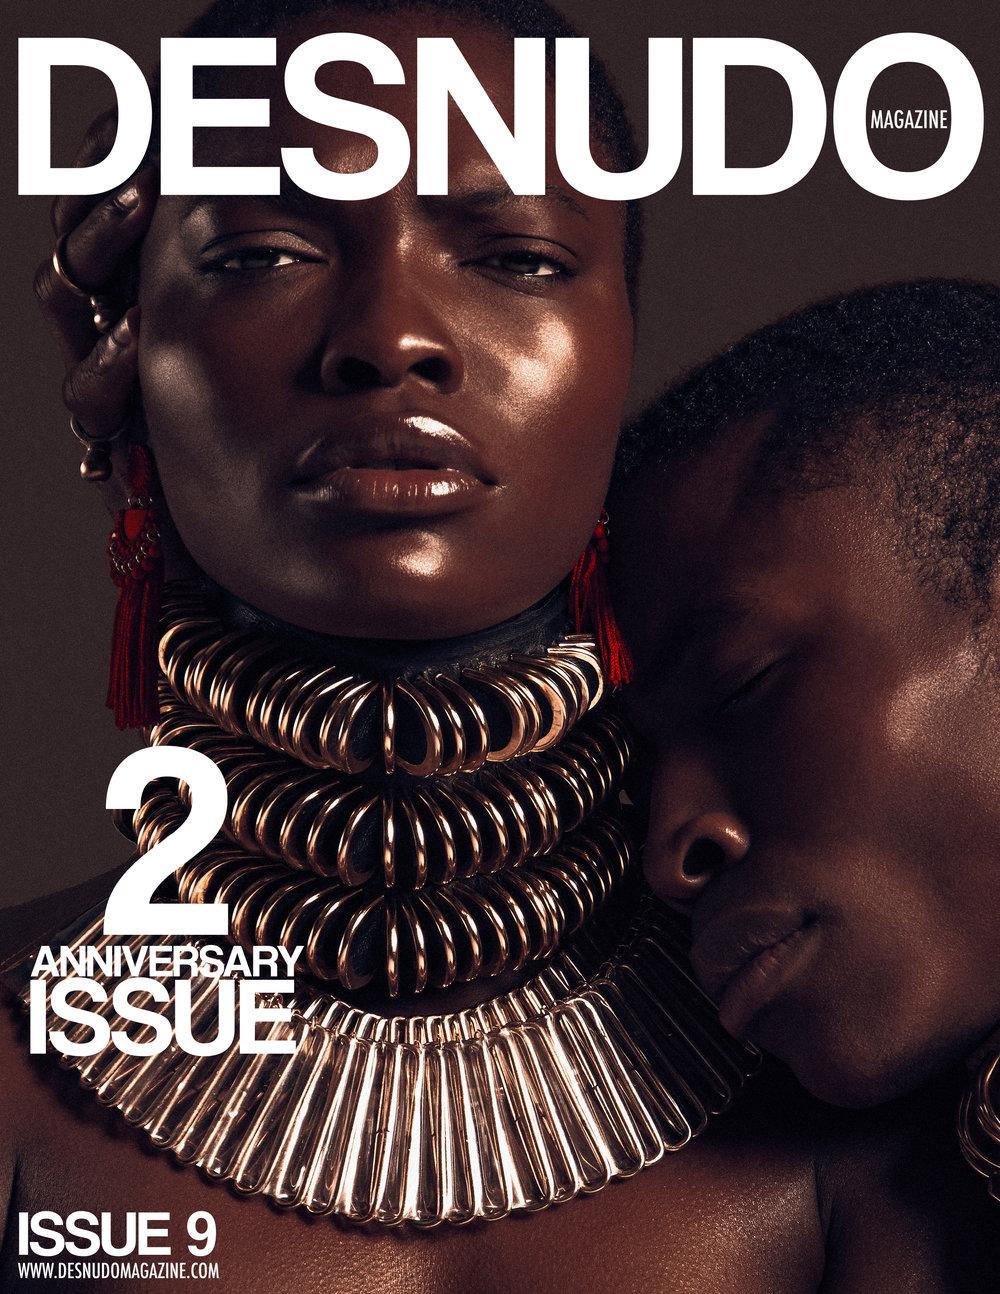 Desnudo Cover April 2018 Issue